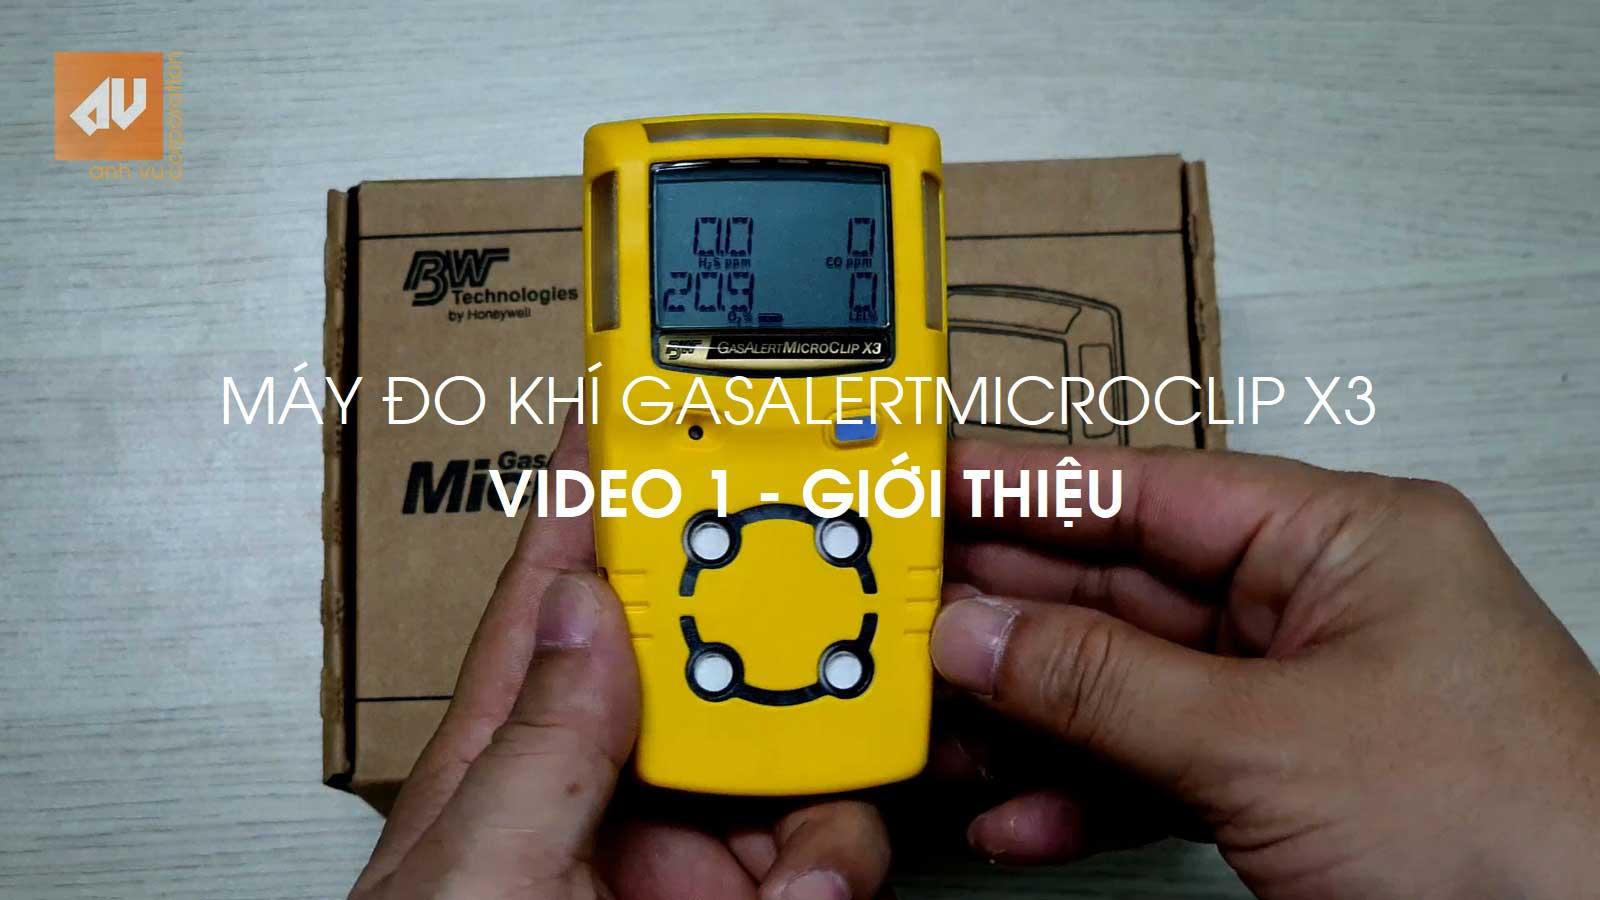 Hướng dẫn sử dụng máy đo khí GasAlertMicroClip XL, XT, X3 – Tiếng Việt – Web